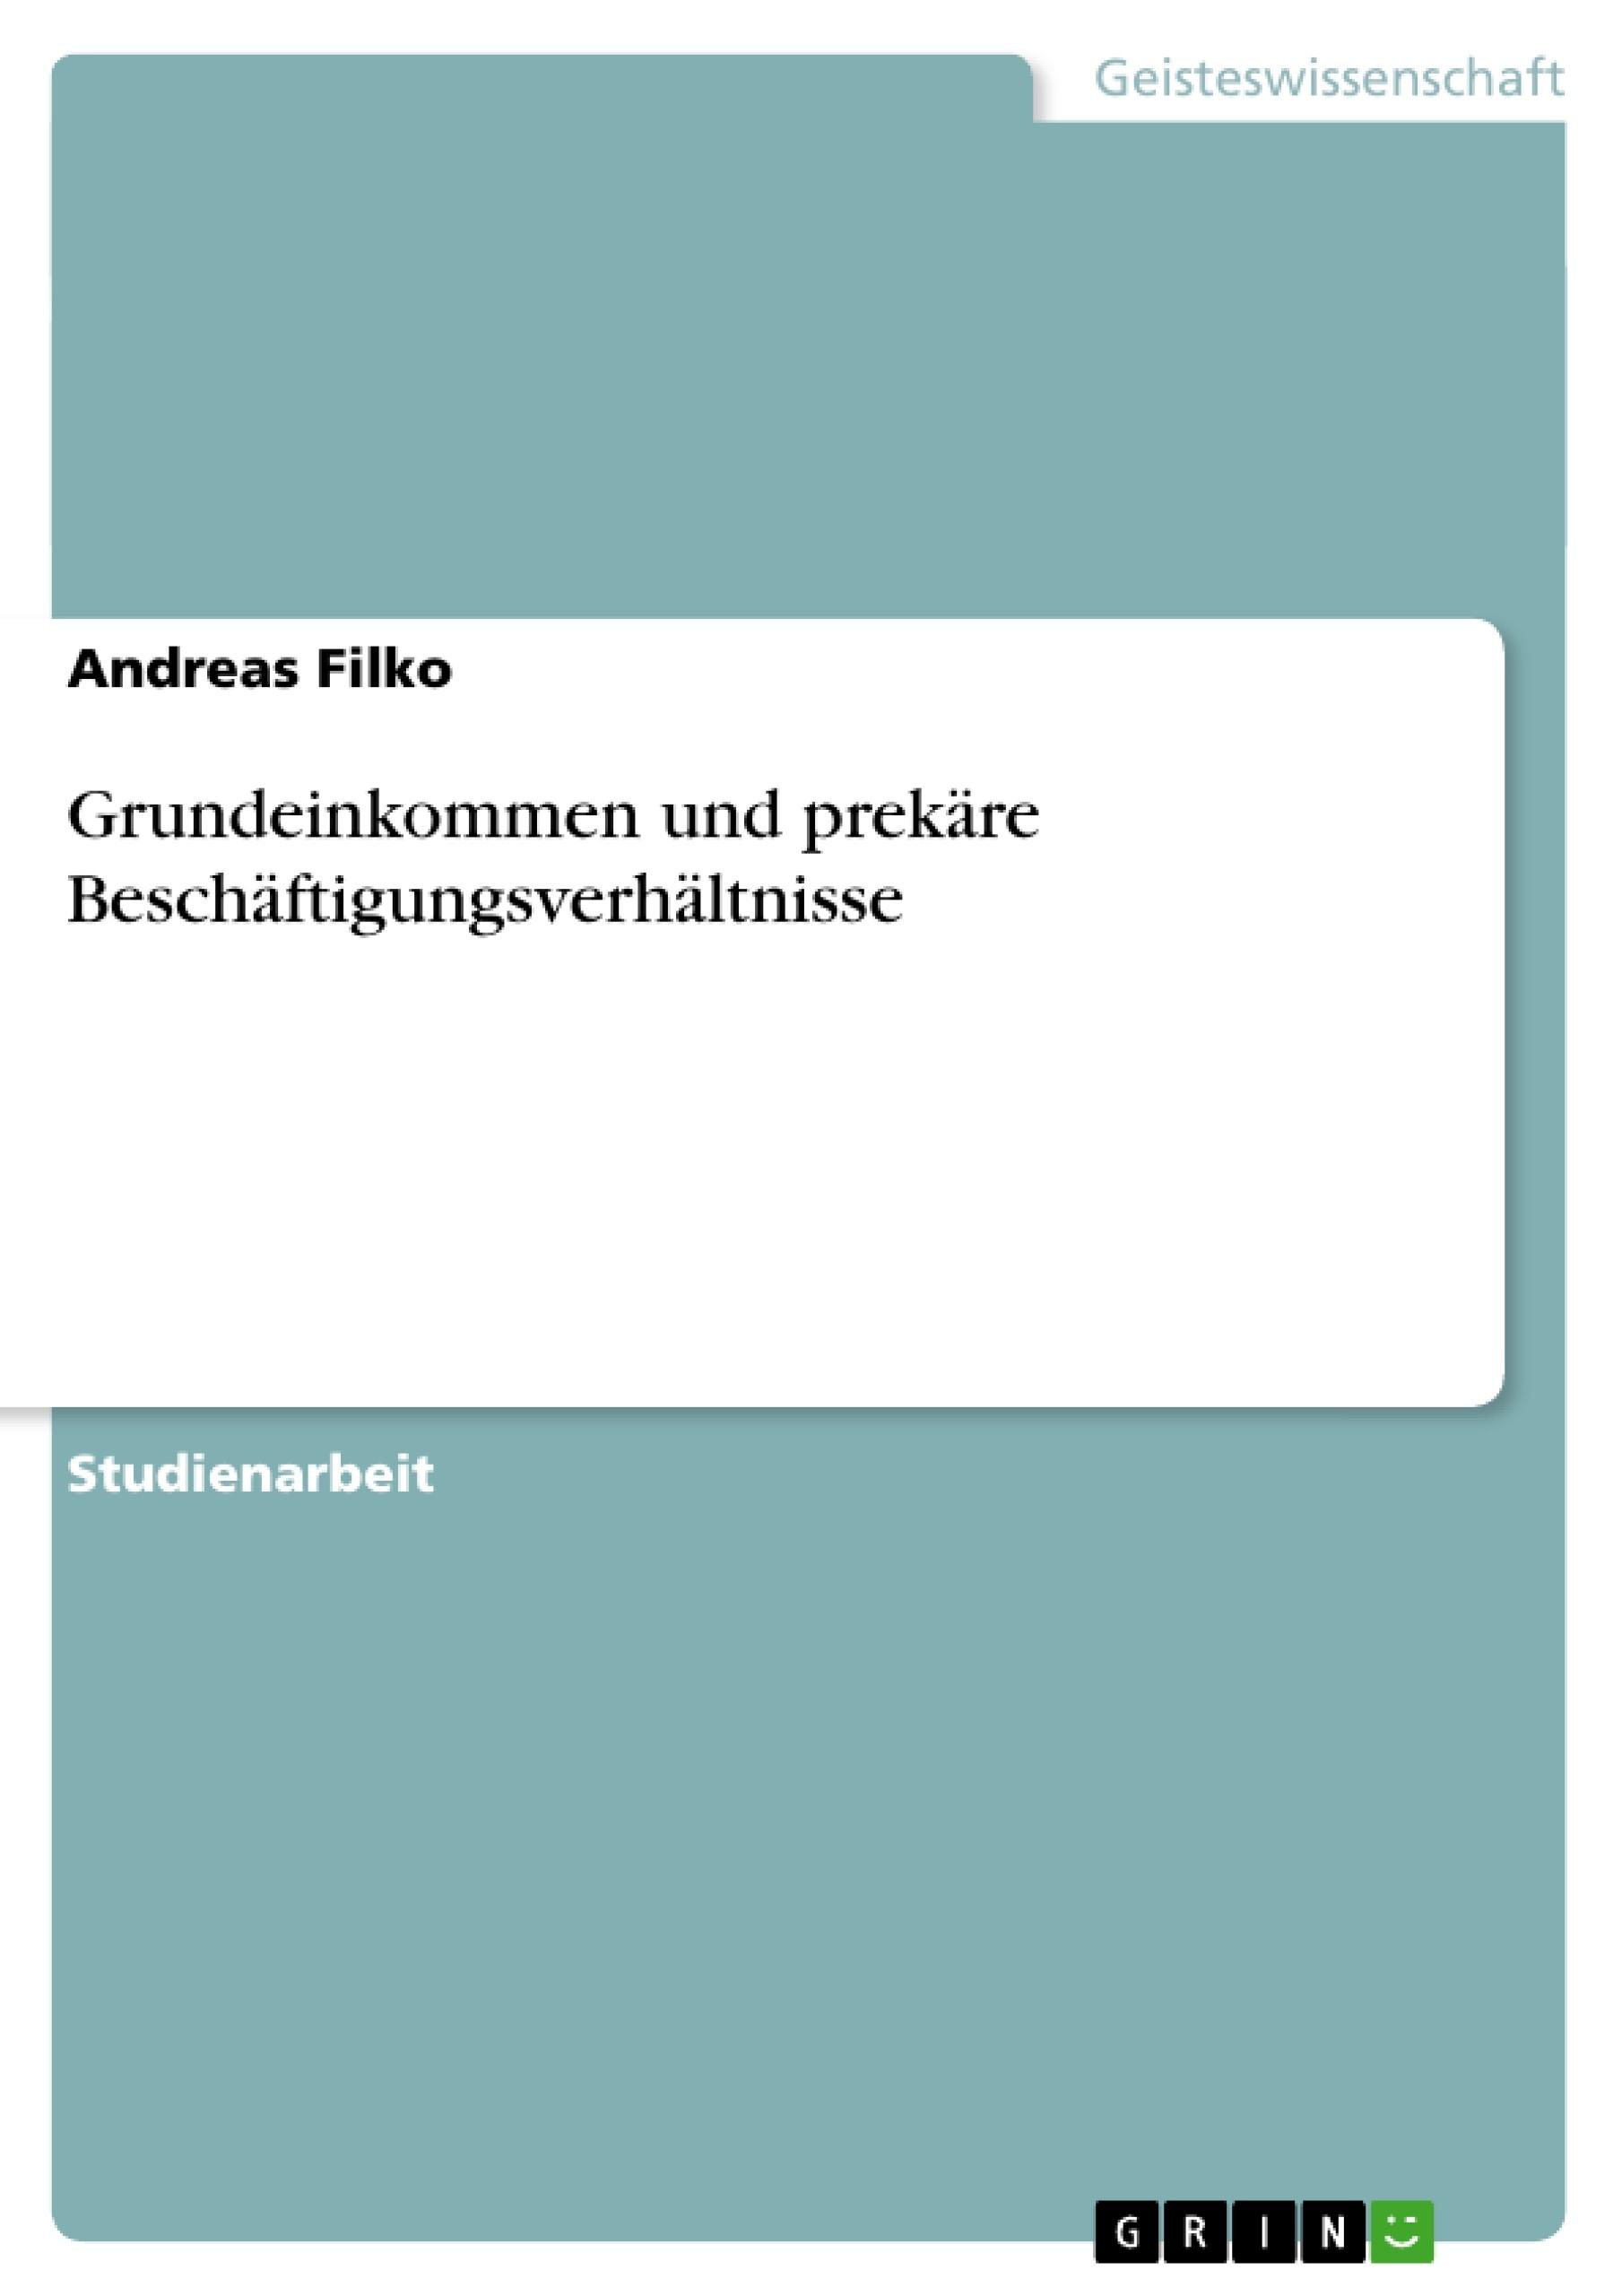 Titel: Grundeinkommen und prekäre Beschäftigungsverhältnisse